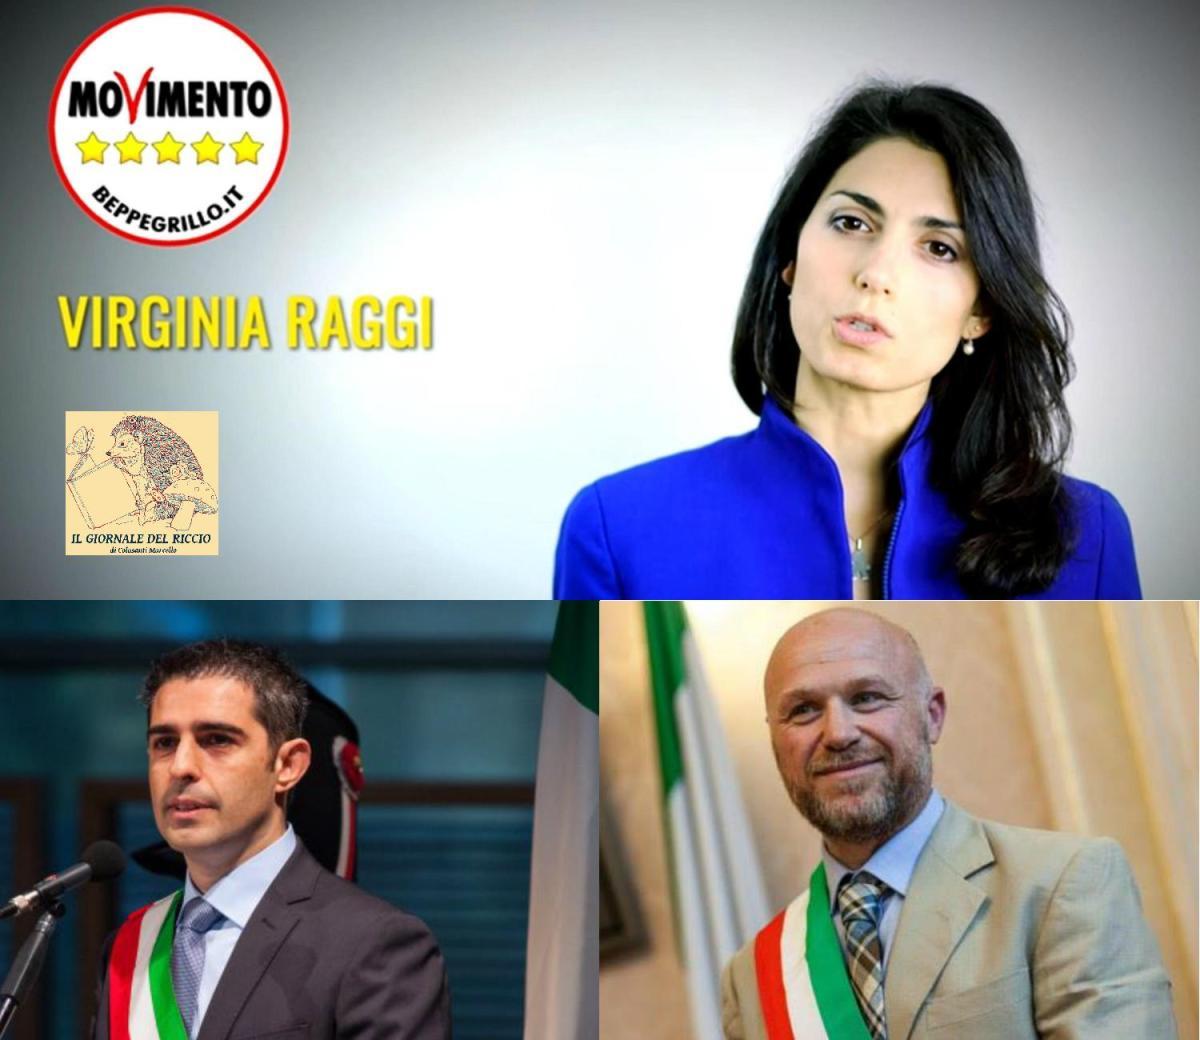 AMMINISTRATIVE DI ROMA 2016 - La provenienza politica di Virginia Raggi e le espulsioni del M5S.